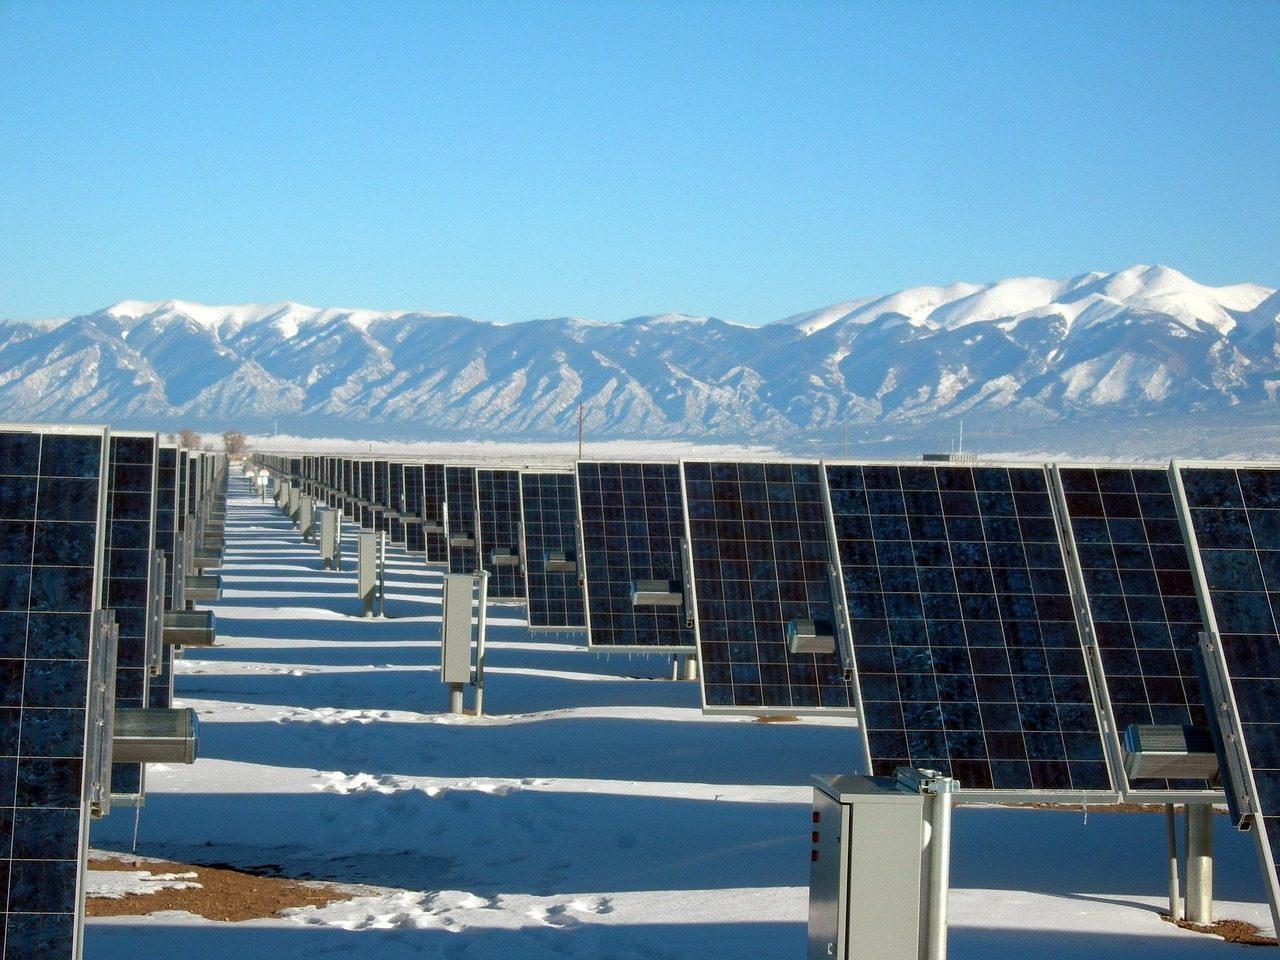 solar-panel-array-1591359_1280_Pixbay